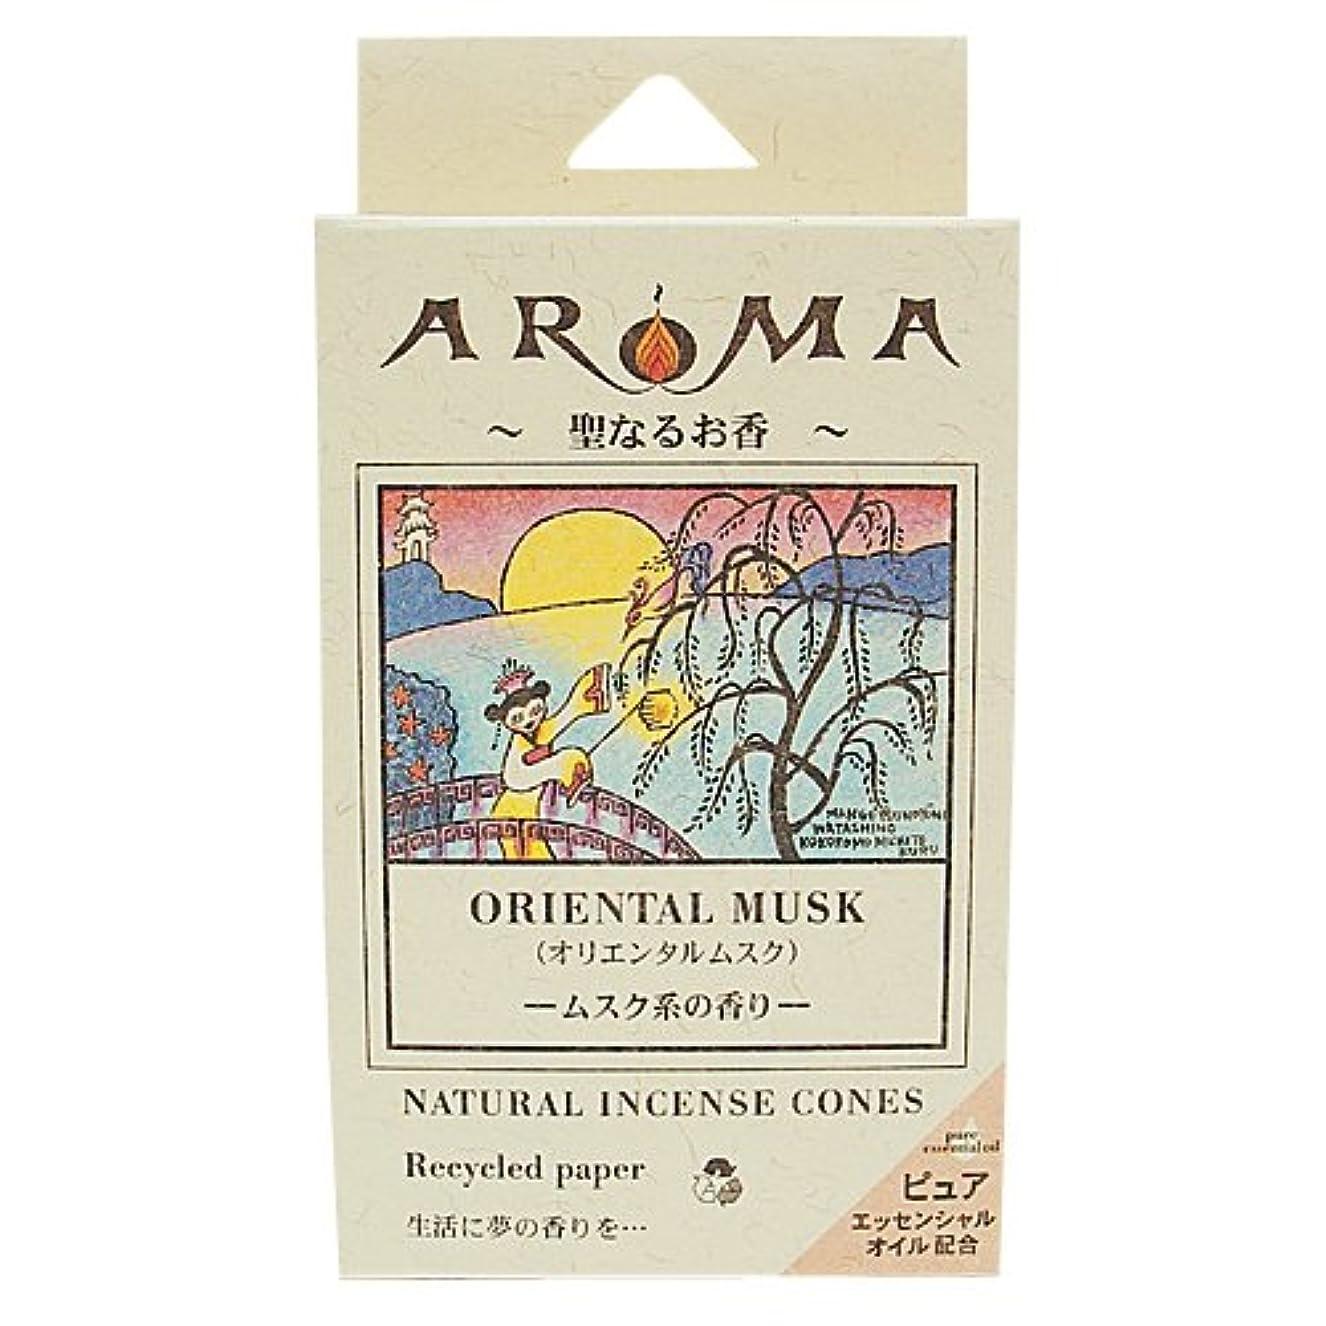 酸素食欲爬虫類アロマ香 オリエンタルムスク 16粒(コーンタイプインセンス 1粒の燃焼時間約20分 ムスクの香り)